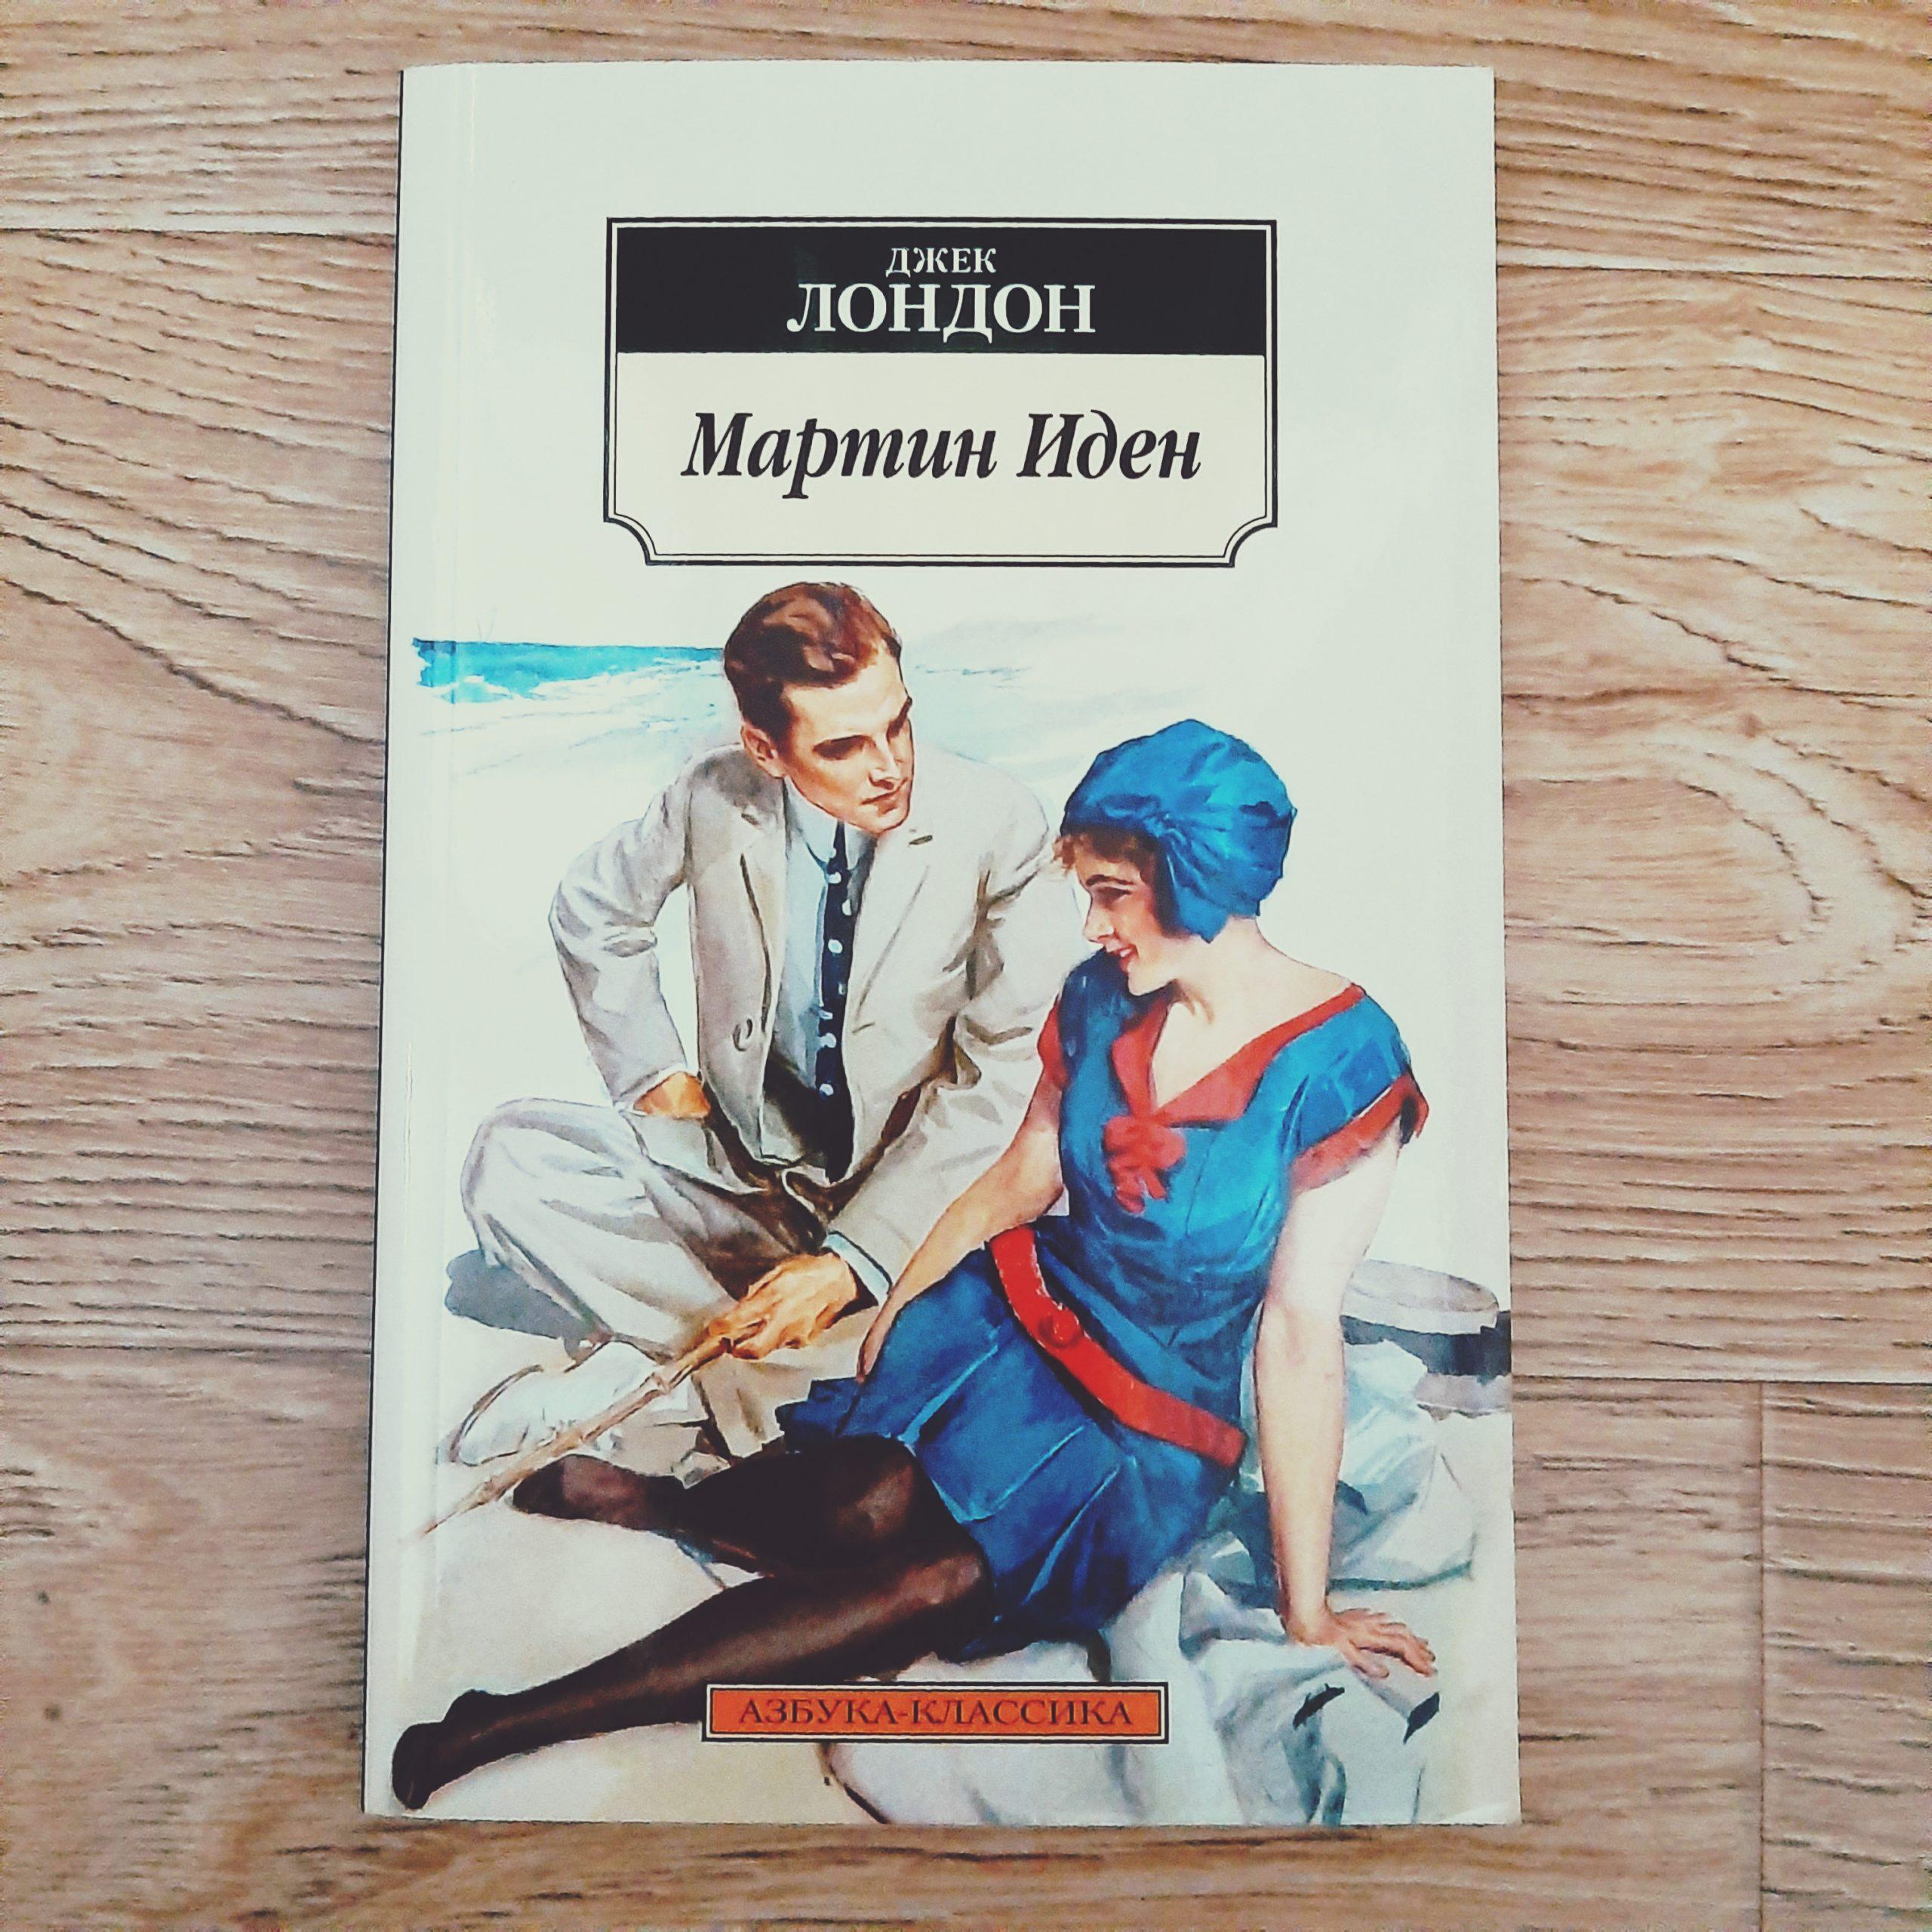 """Все цитаты из книги Джека Лондона """"Мартин Иден"""""""